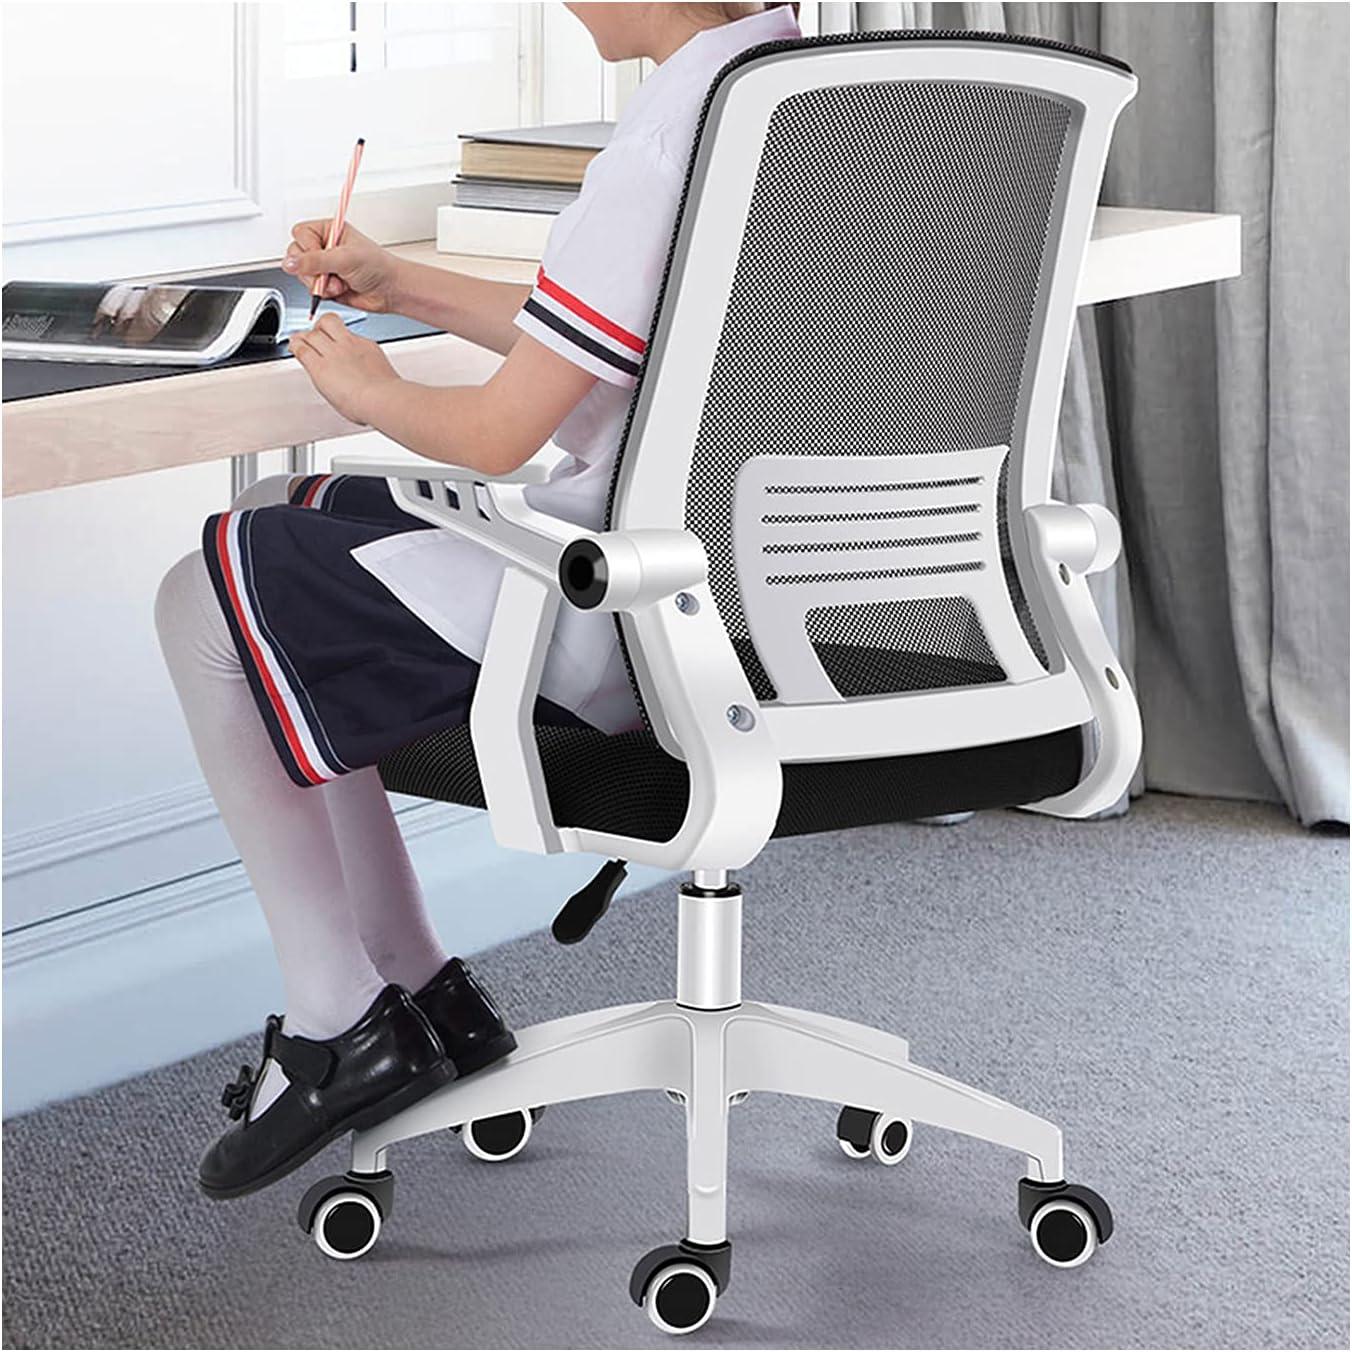 LWZ Office favorite Task Adjustable Max 42% OFF Desk Chair Children Stu Home Back Mid